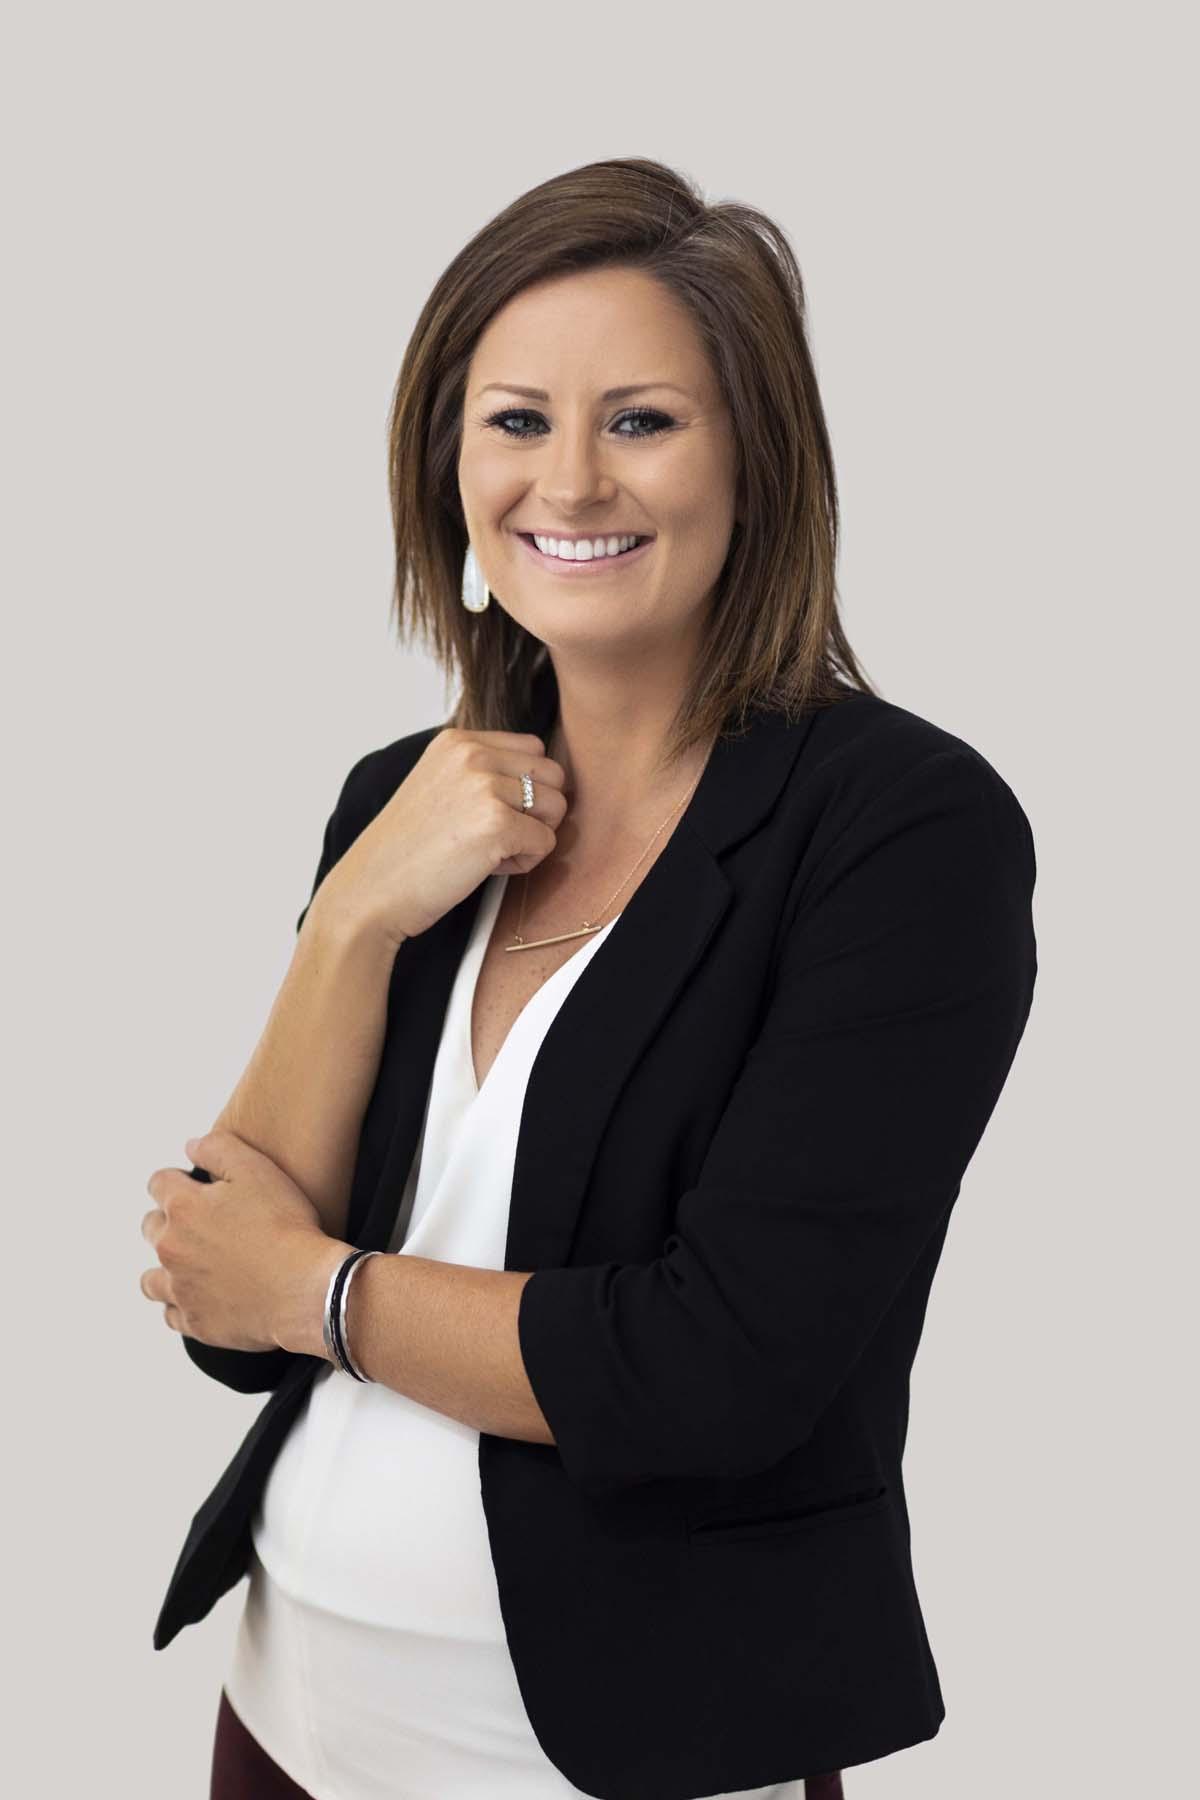 Whitney Trent